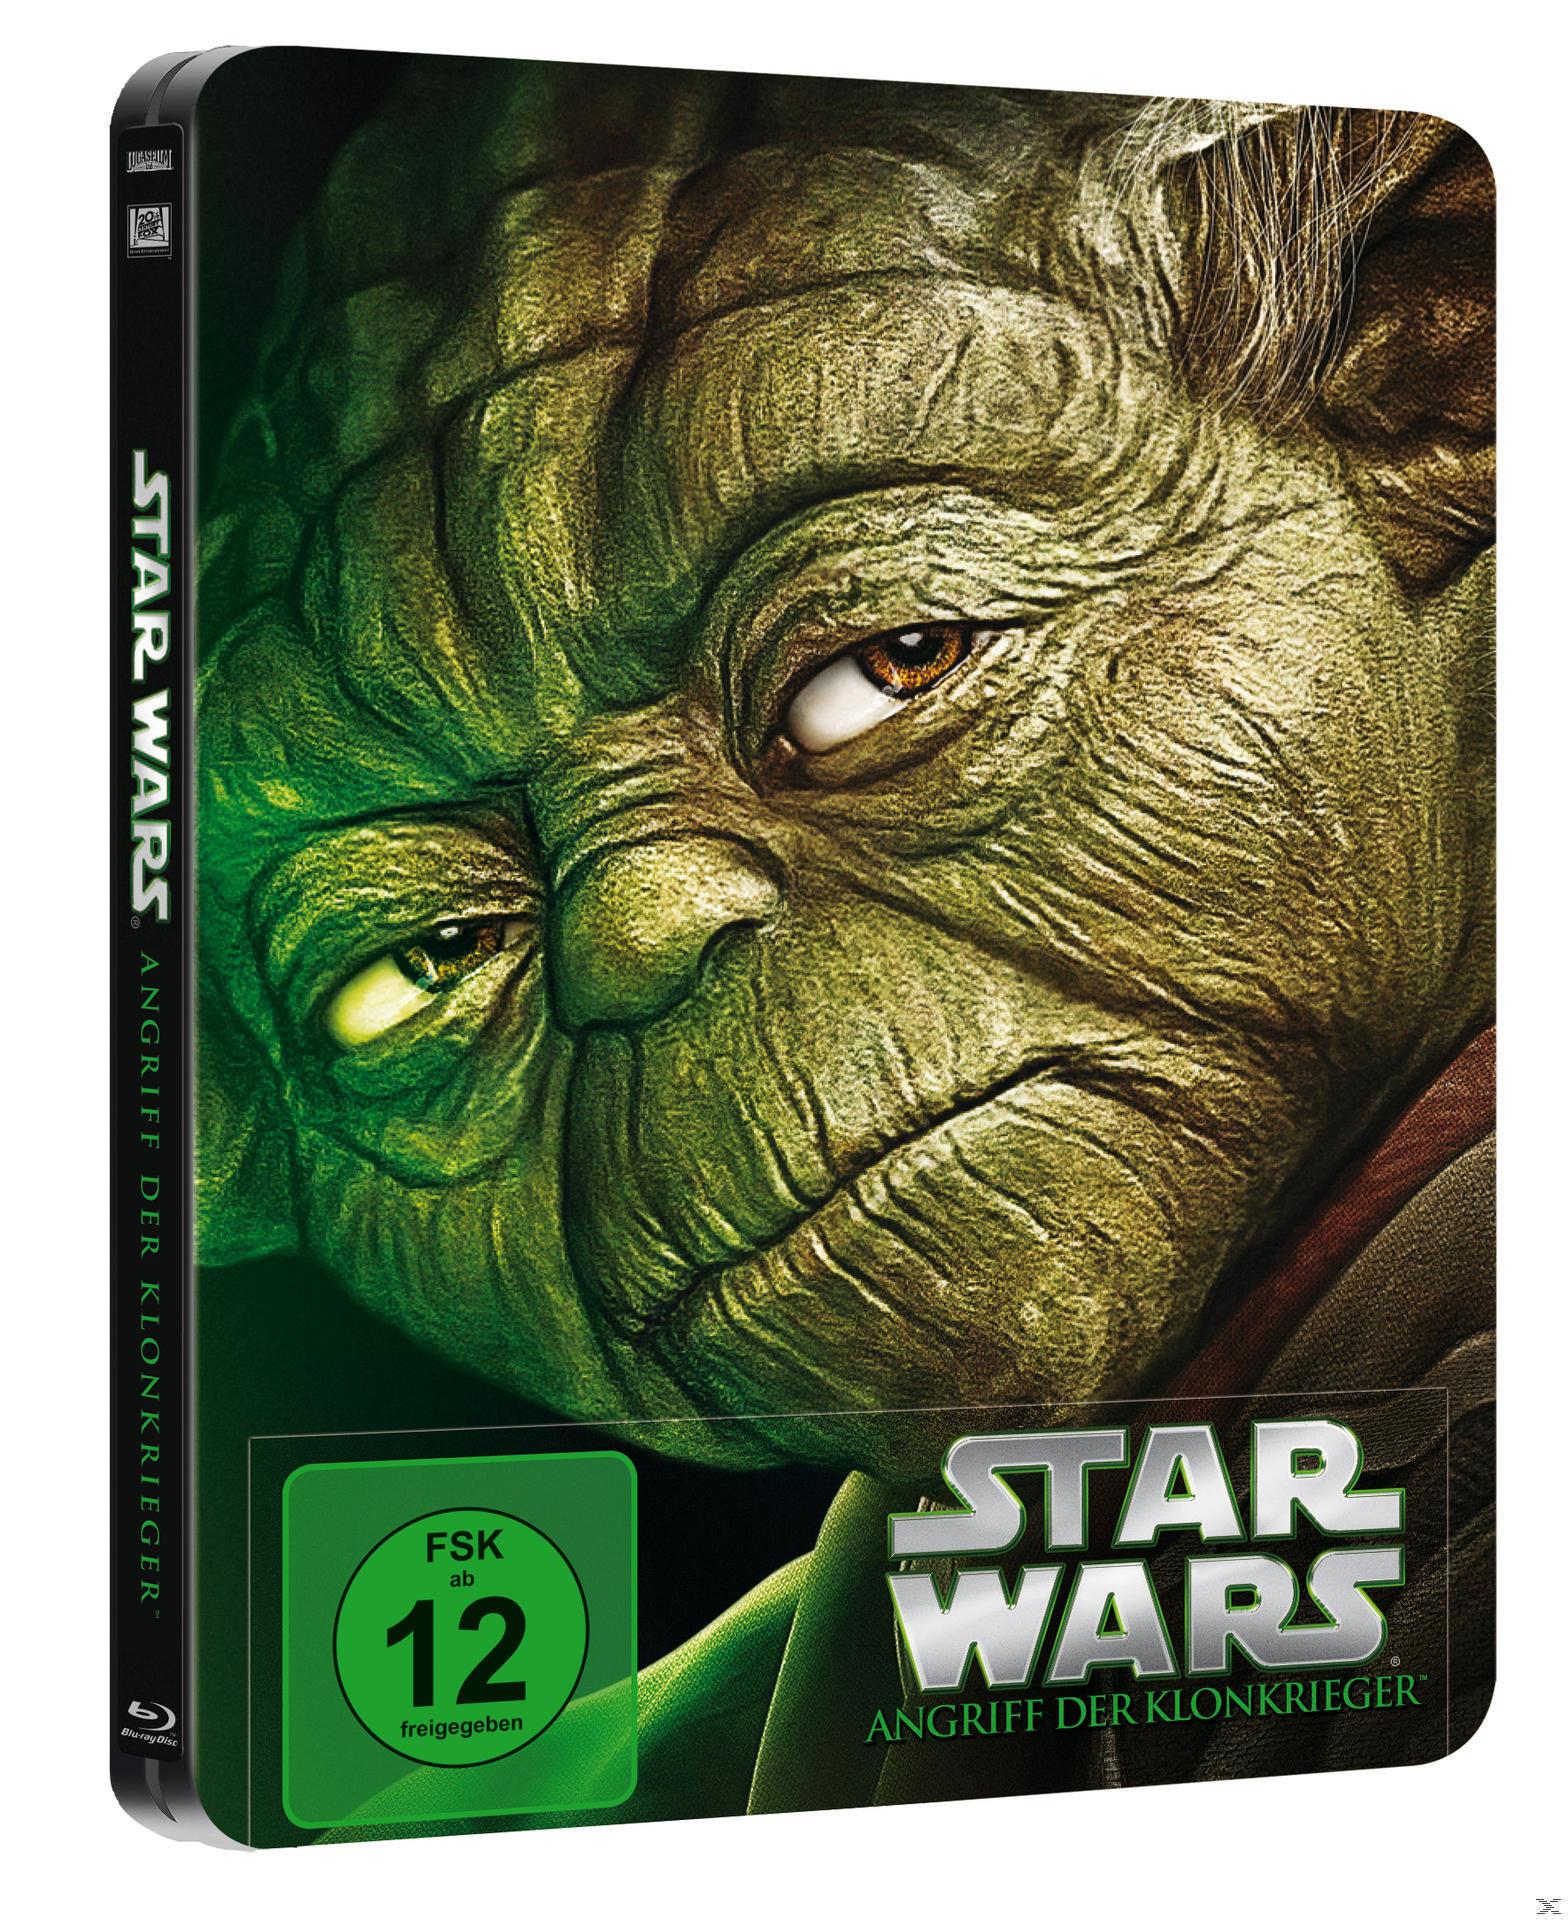 Star Wars: Episode II - Angriff der Klonkrieger Steelcase Edition (BLU-RAY) für 24,99 Euro